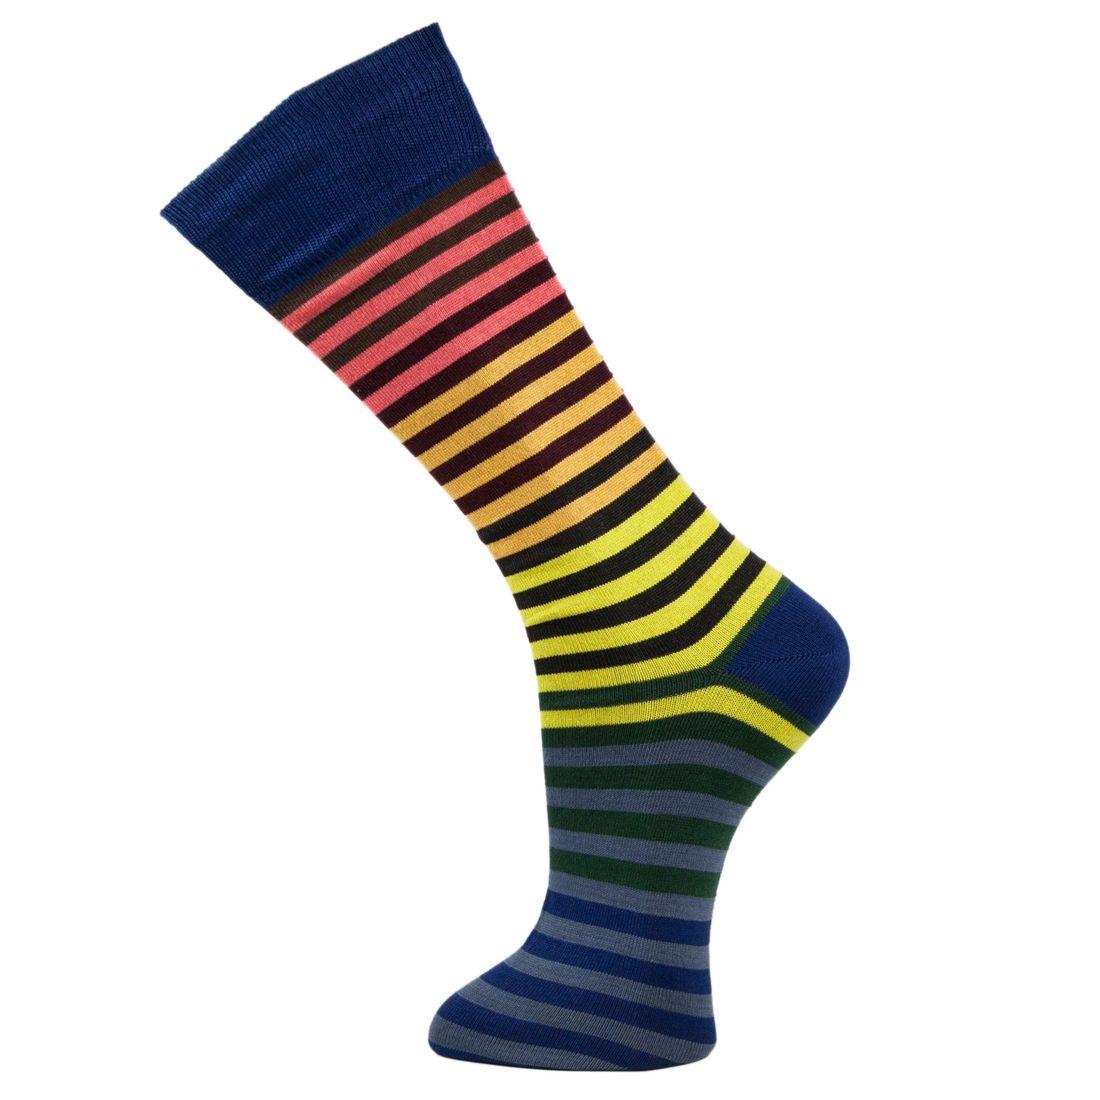 Afbeelding van Effio sokken fade no. 505 heren